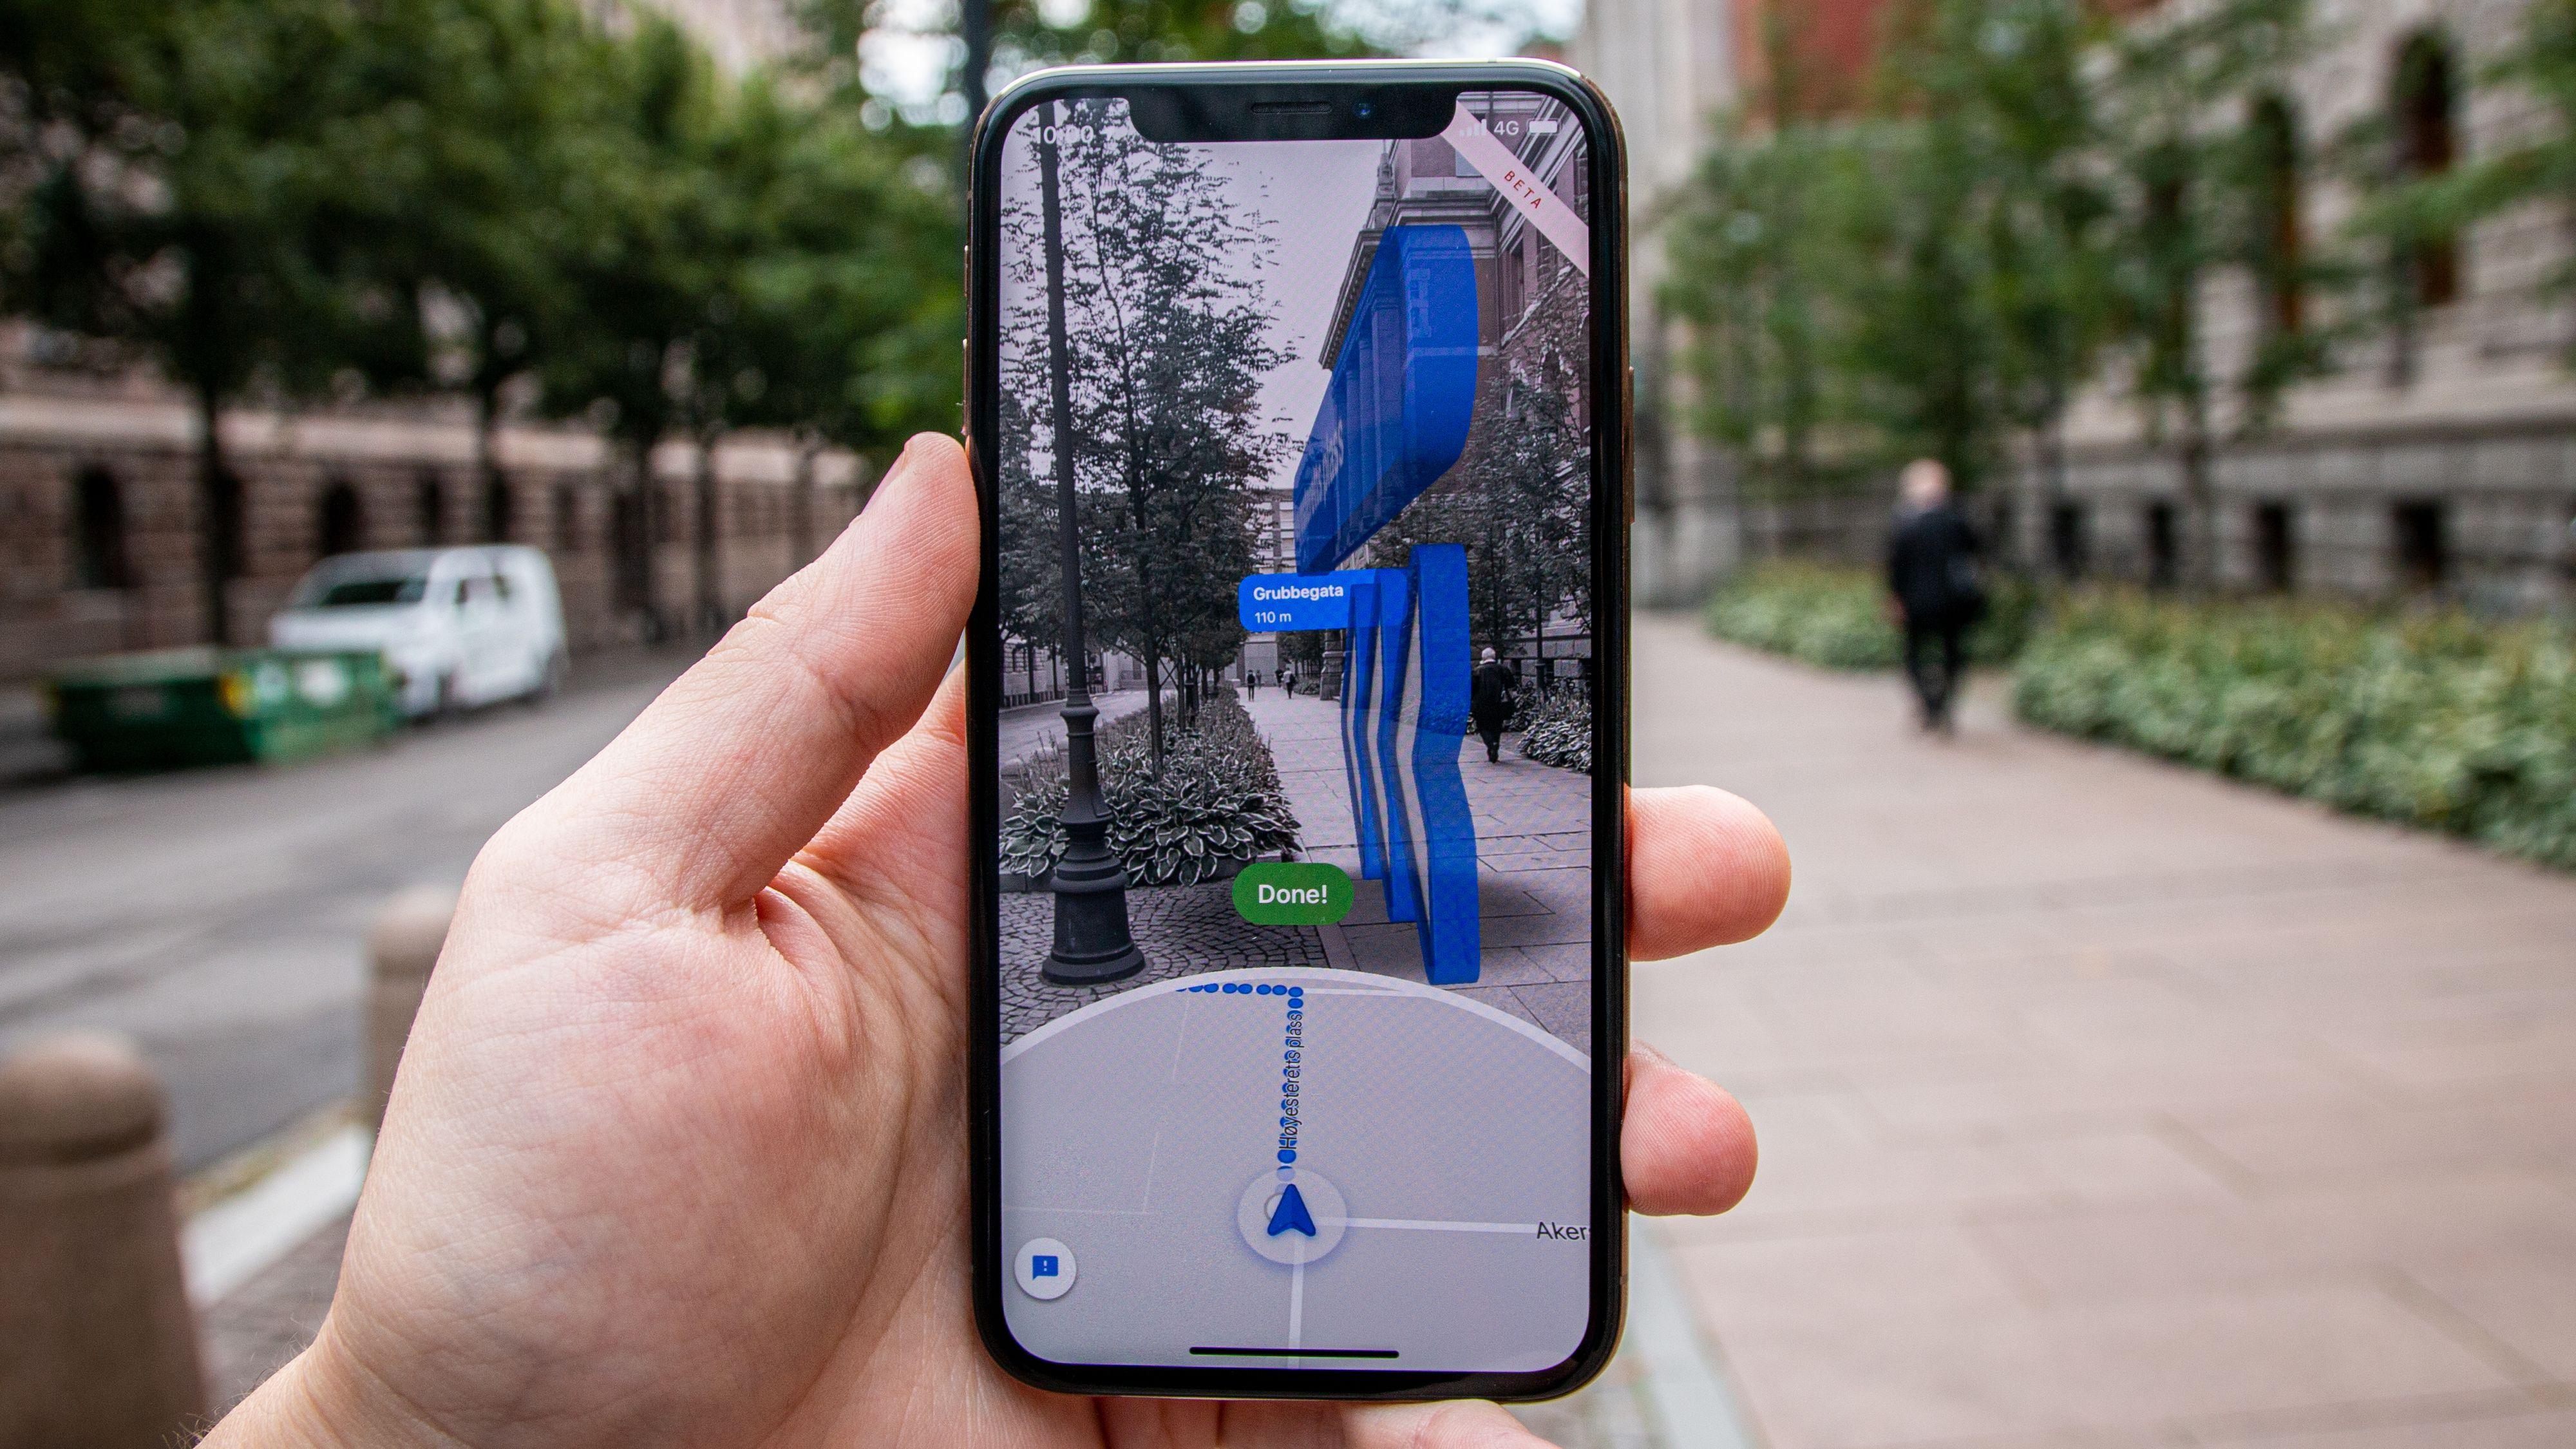 Endelig har Google Maps' smarte navigasjon kommet til Norge